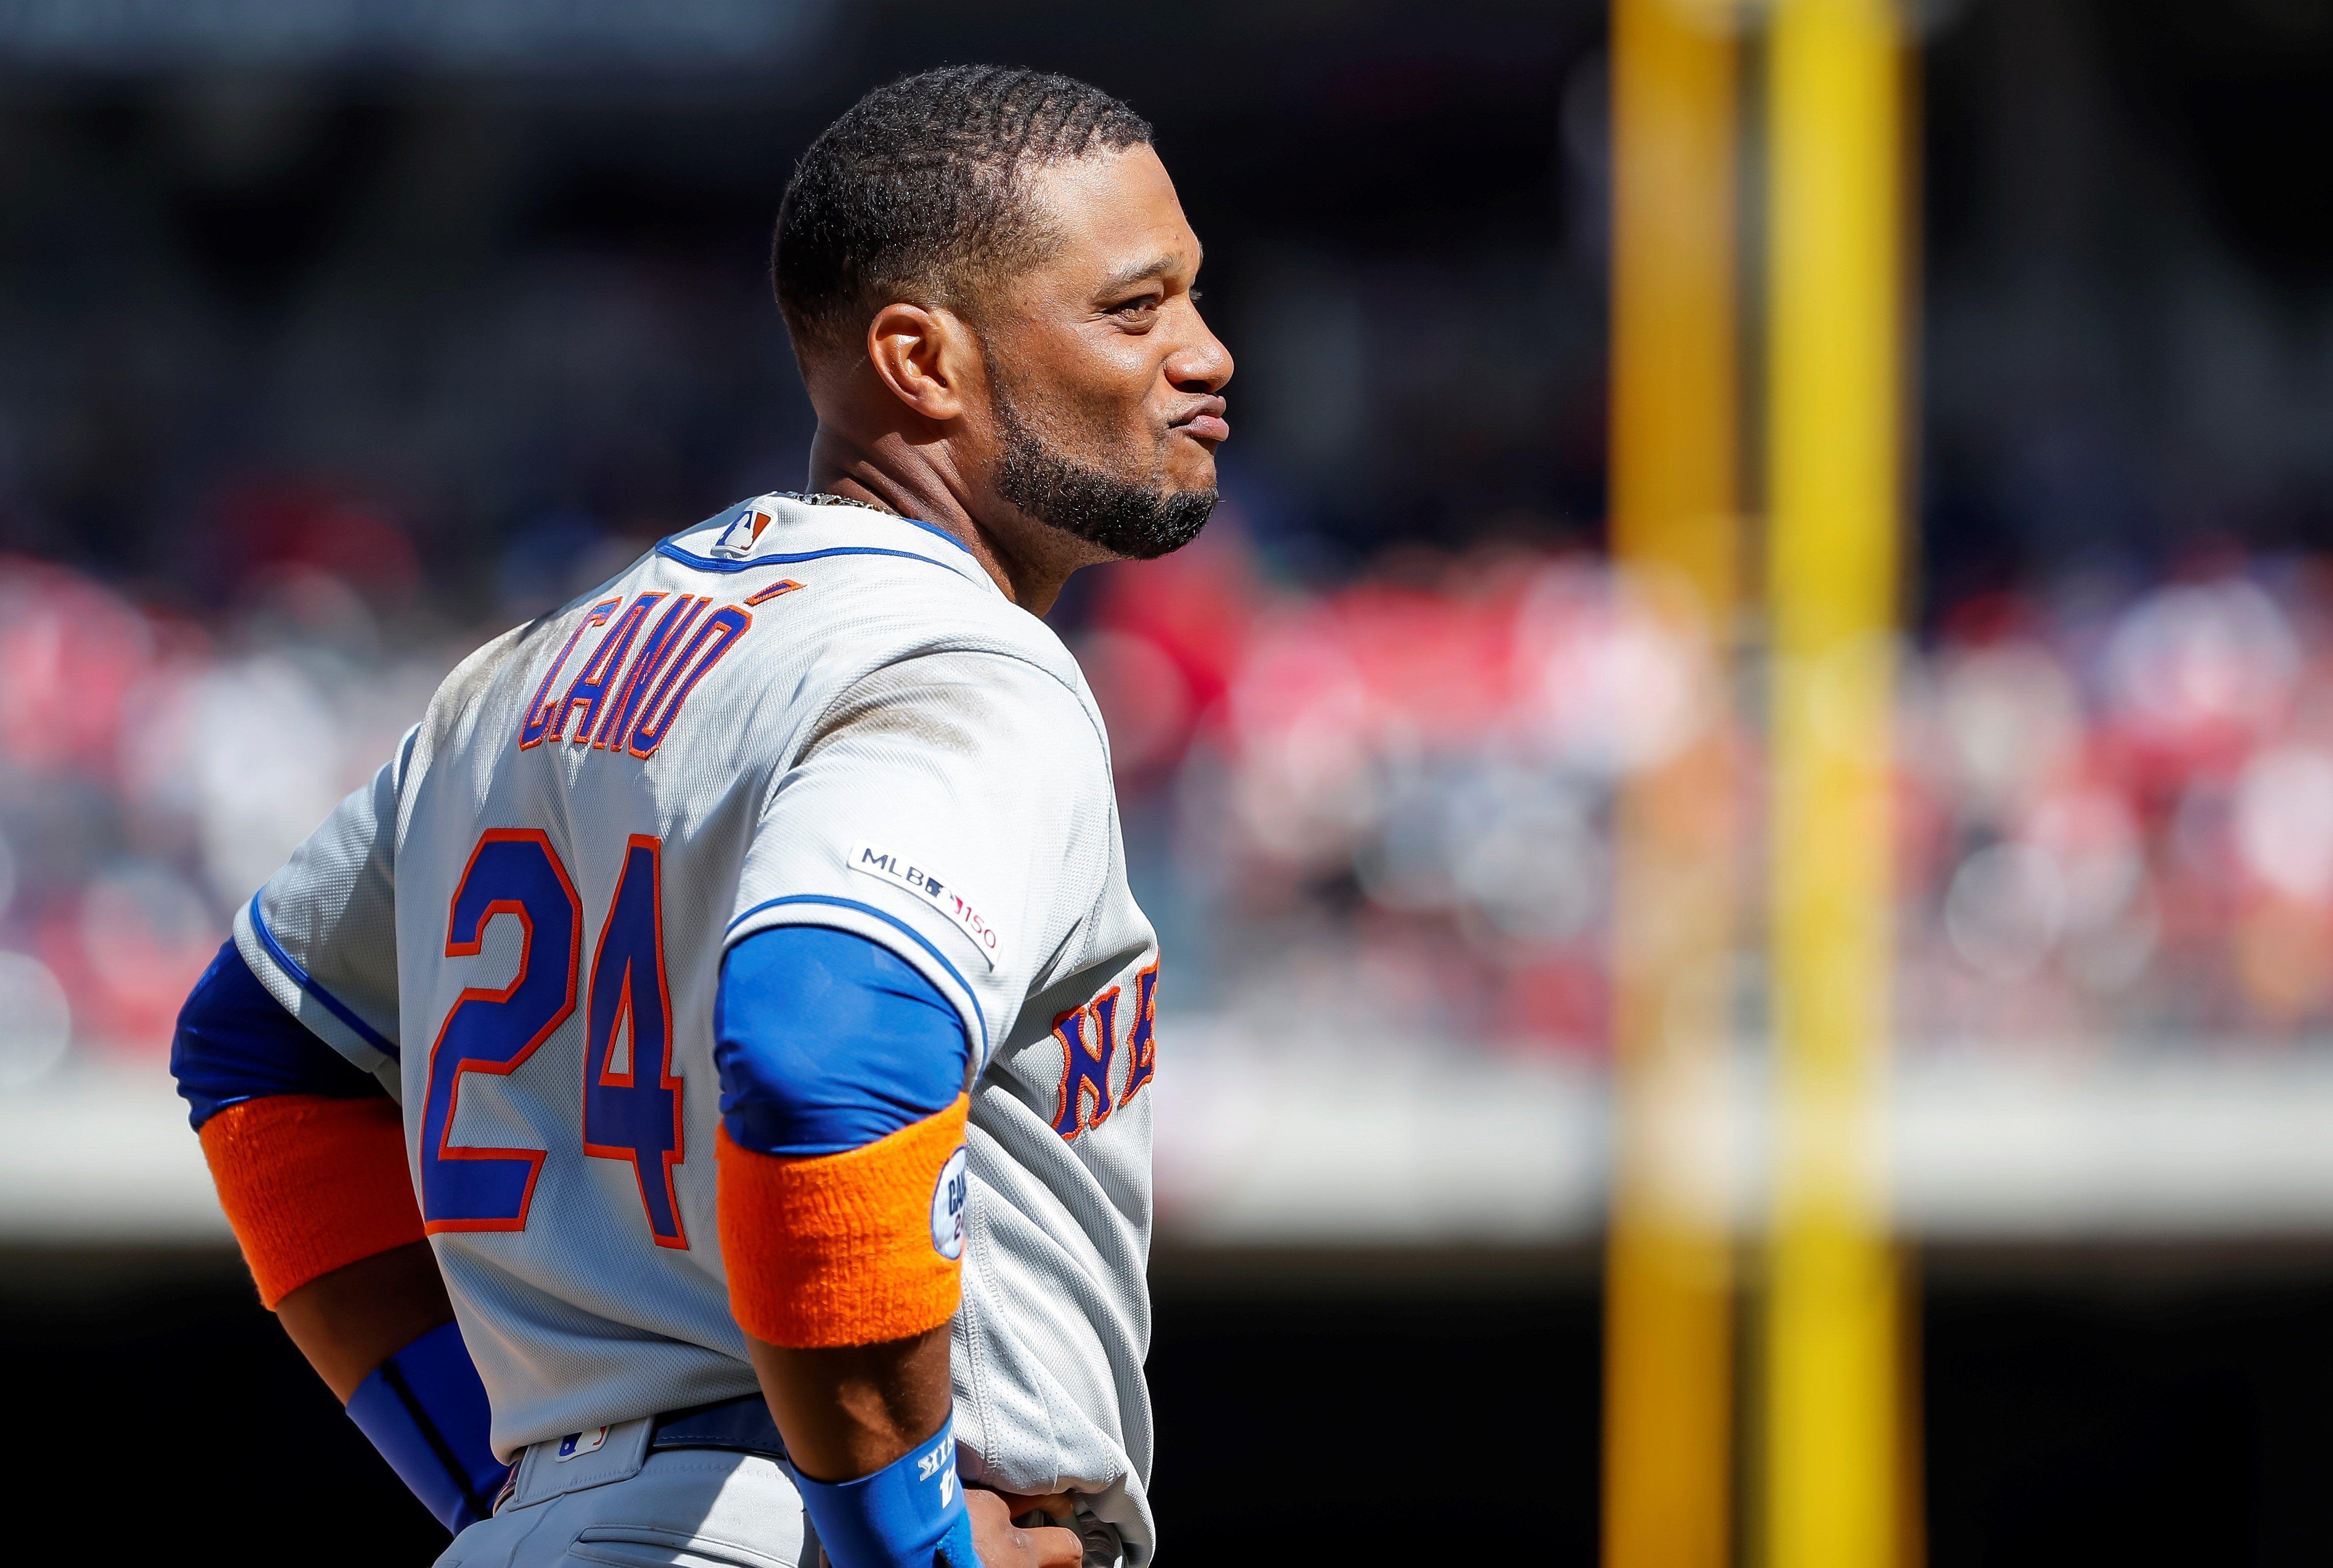 El segunda base de Mets Robinson Canó sonríe después de anotar una carrera este jueves. (Foto Prensa Libre: EFE)